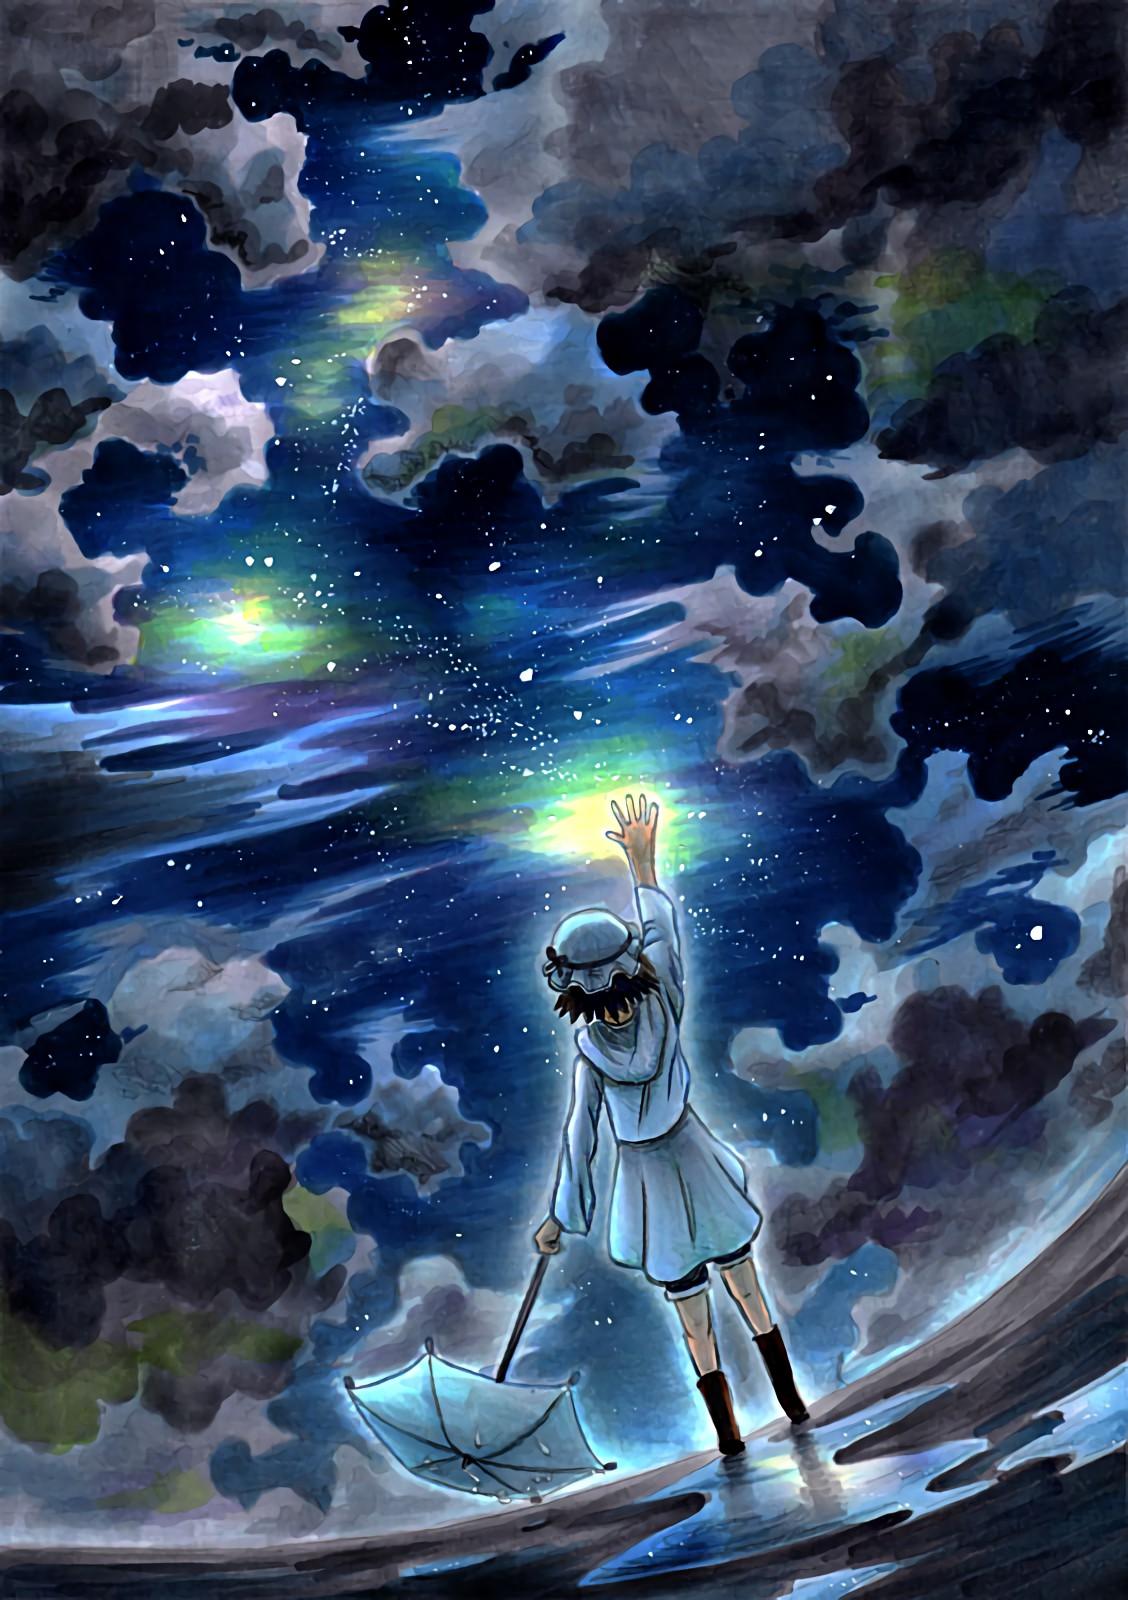 Mayuri的stardust shake hand